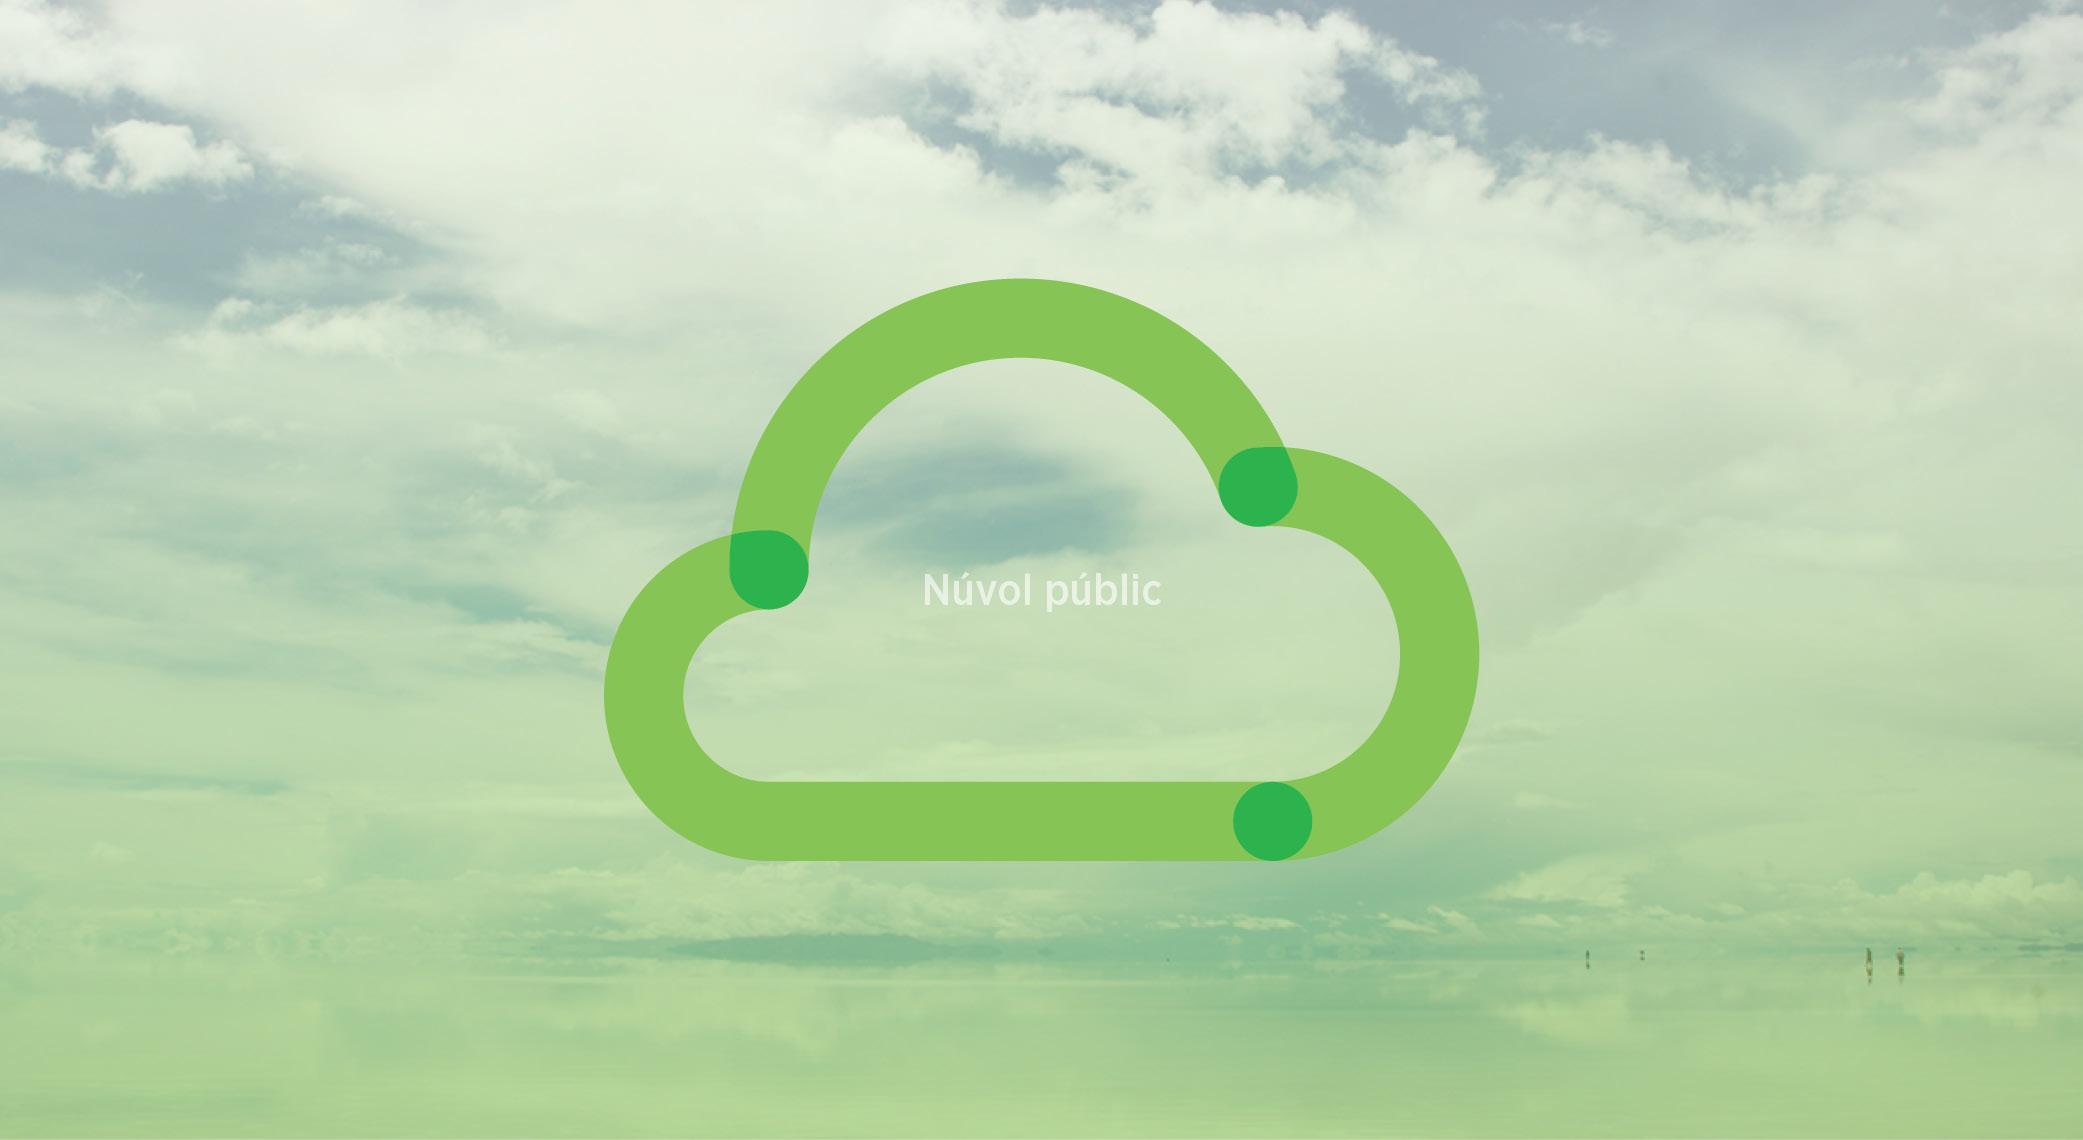 Tipus de núvol-Núvol públic